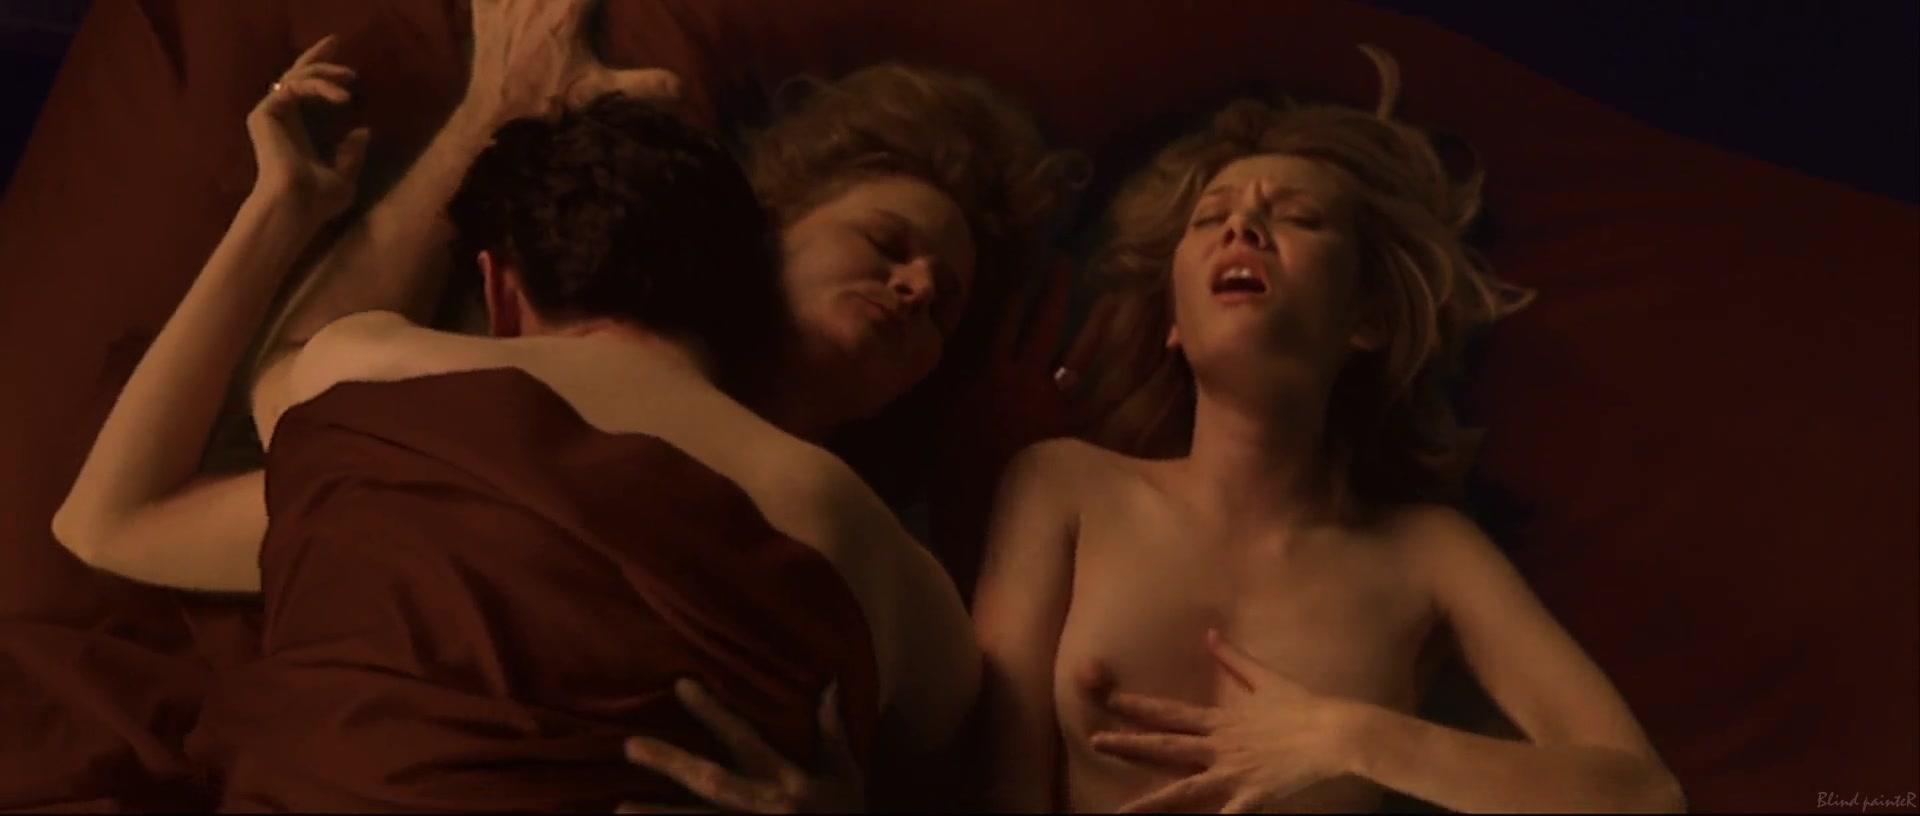 Nude mature amatuer women